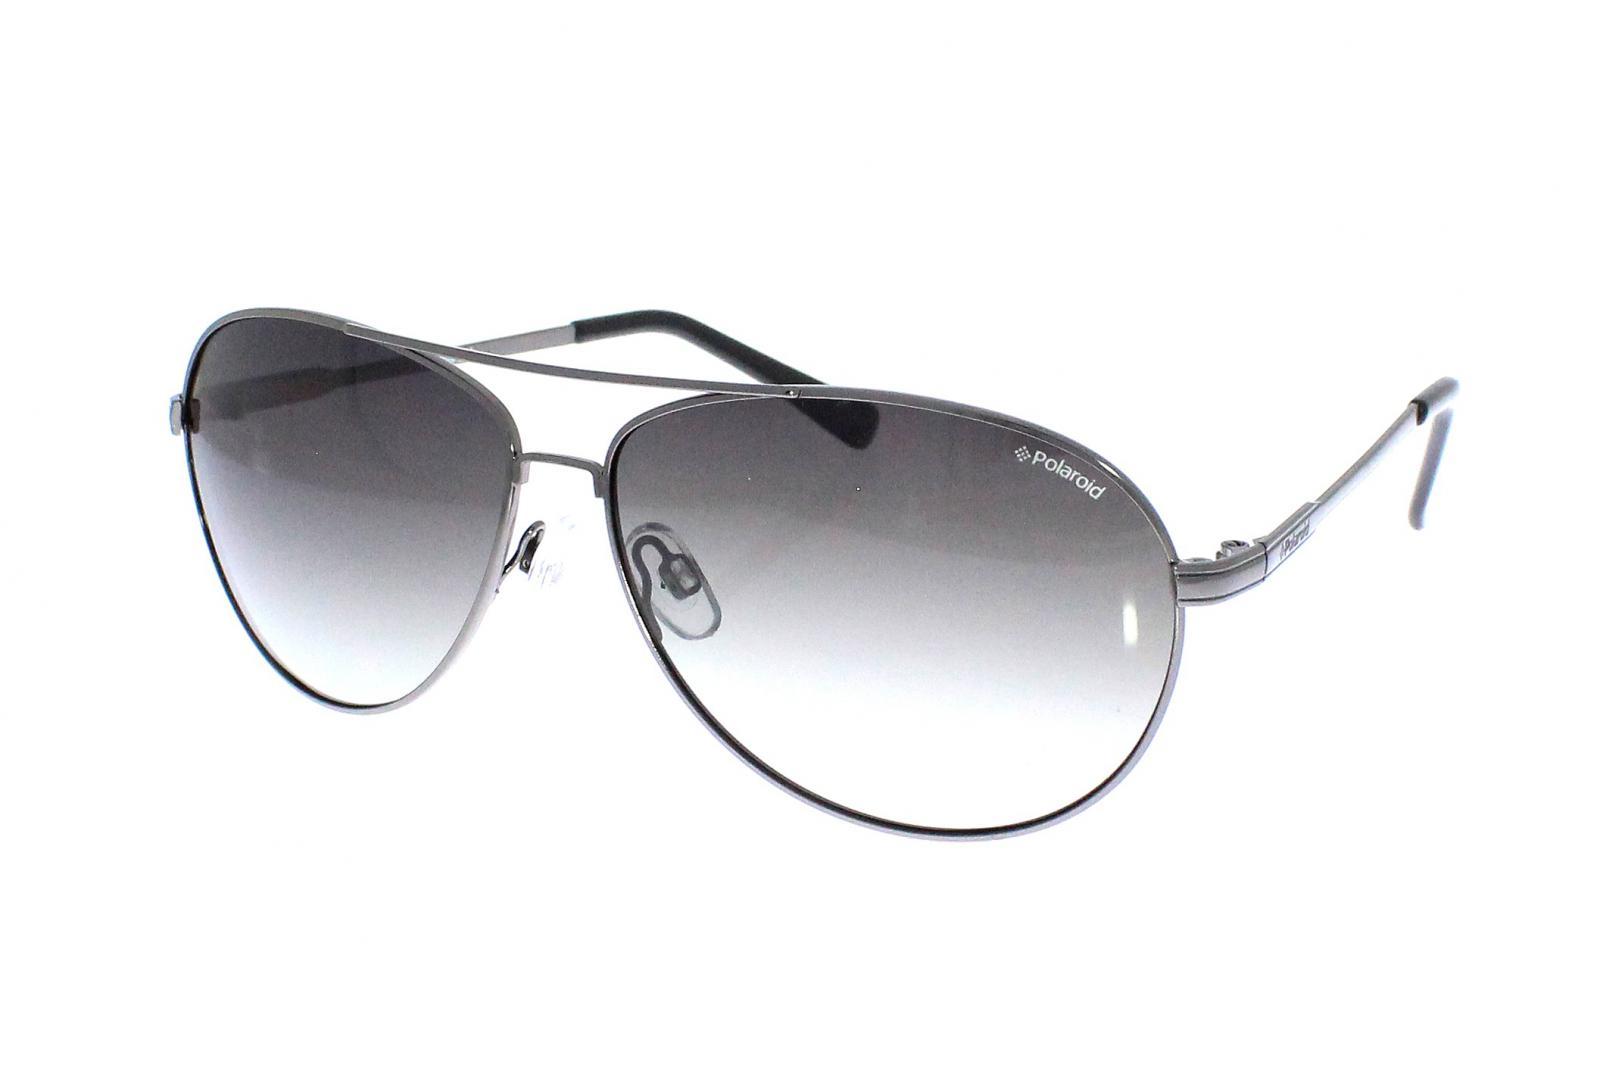 lunettes de soleil polaro d p4300 a4x pas cher optical discount. Black Bedroom Furniture Sets. Home Design Ideas